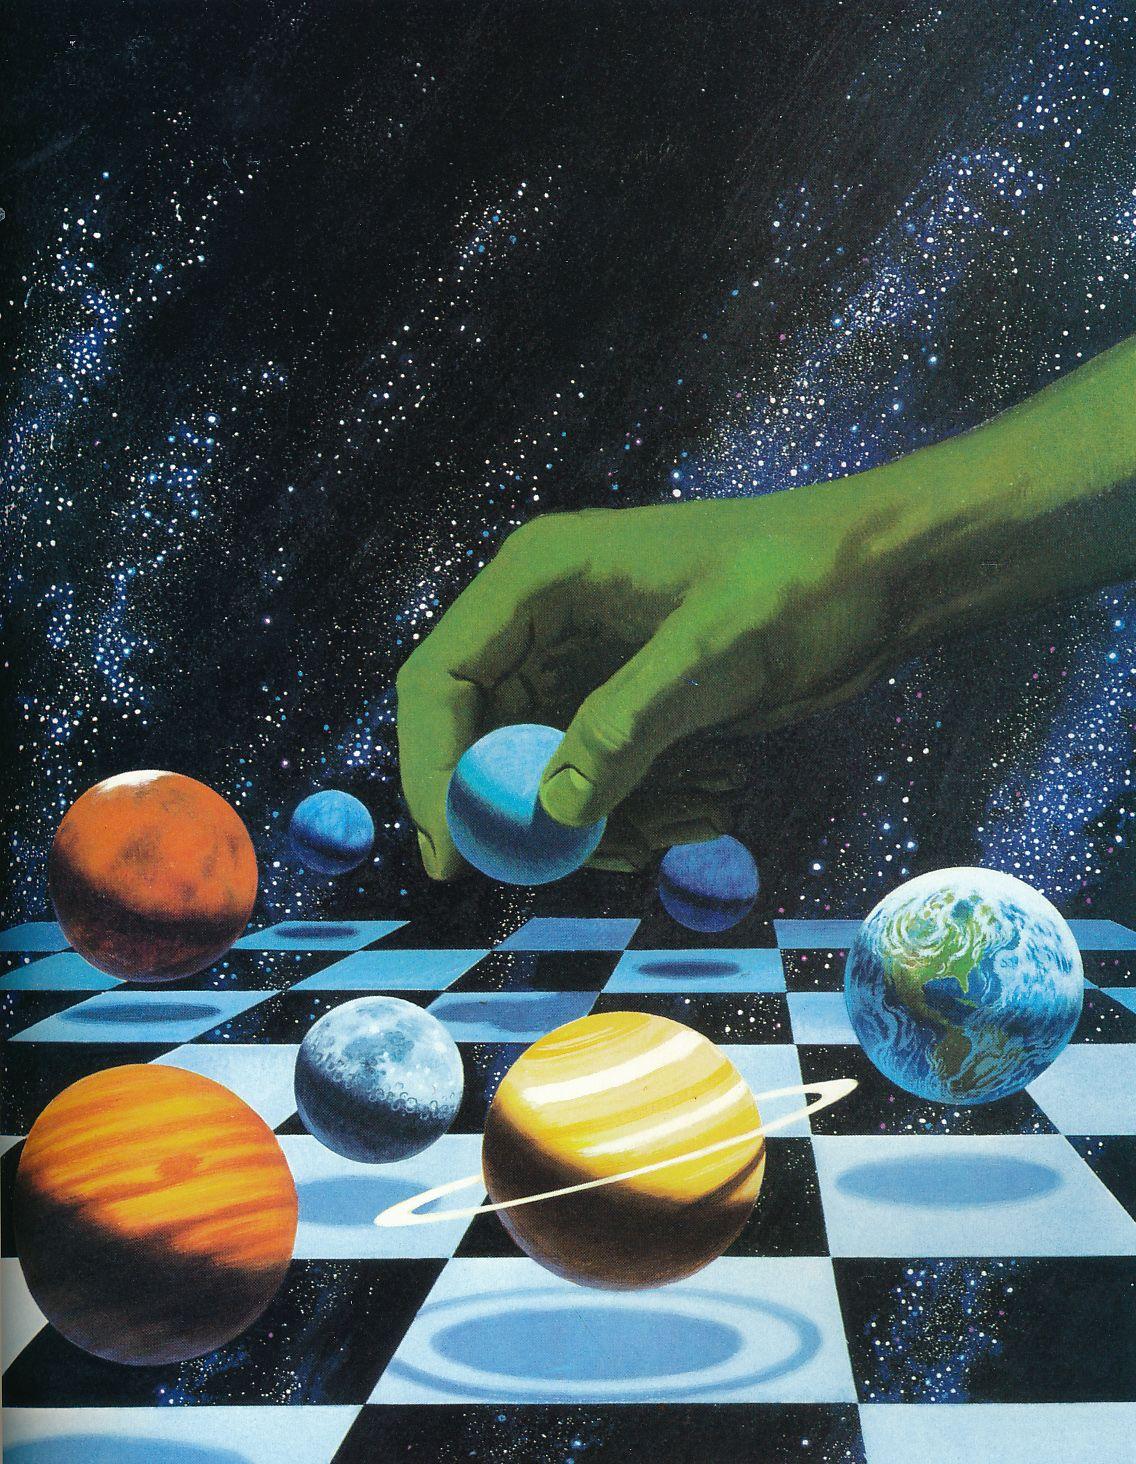 The Fantastic Art of Svyatoslav Gerasymchuk | Sci-Fi Artist |Science Fiction Graphics